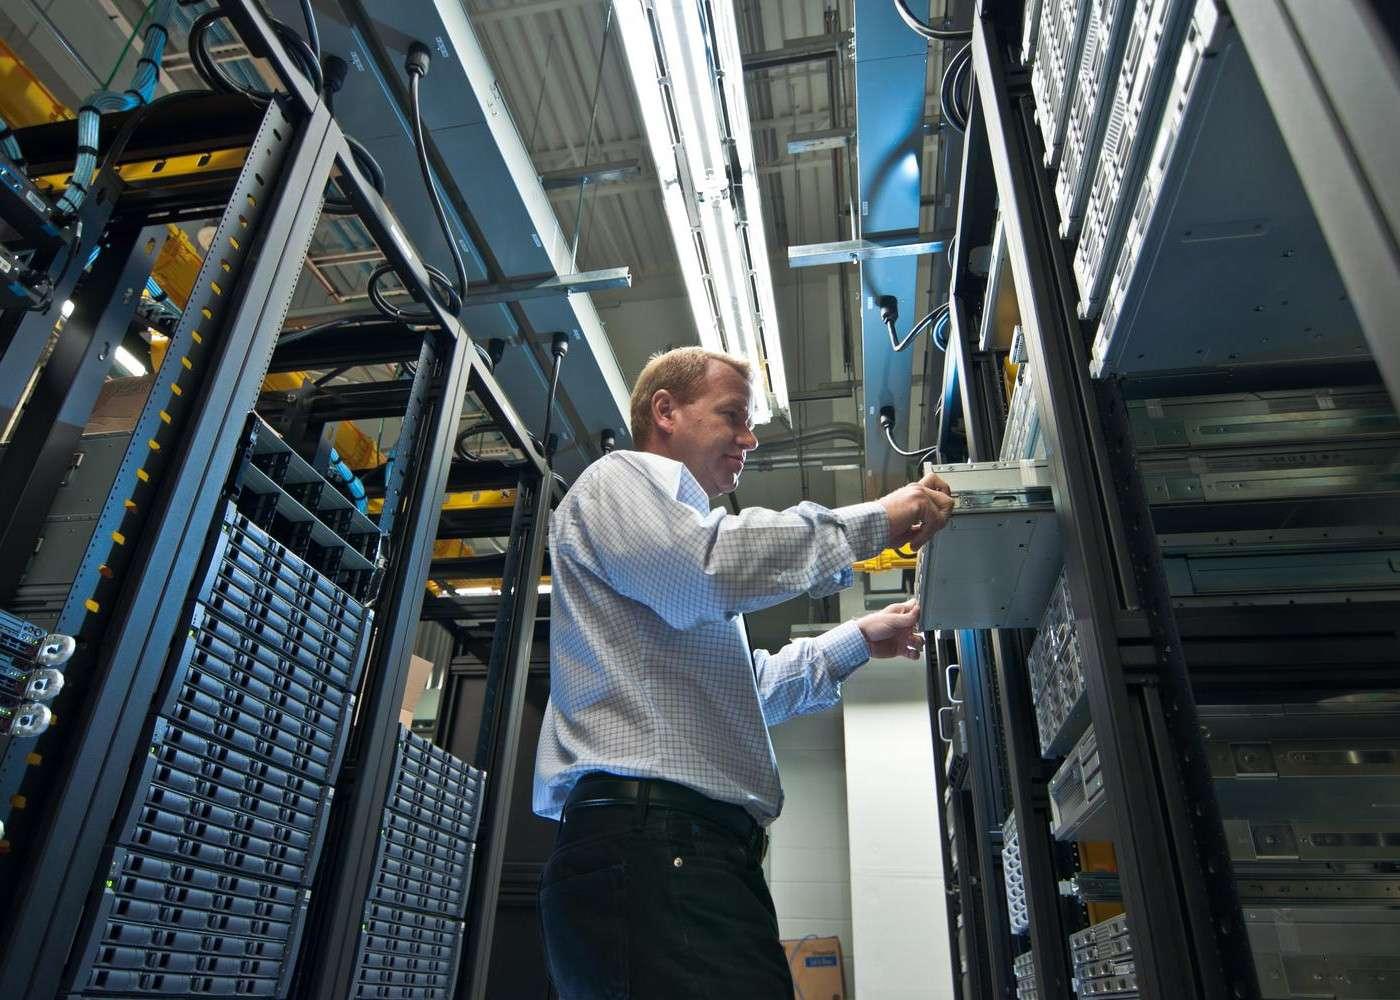 Pour une entreprise, la cybersécurité s'inscrit à tous les échelons du système informatique, au niveau matériel, dans les logiciels utilisés, au sein des tranferts de données sur les réseaux, vers Internet ou depuis des clés USB. C'est un travail difficile et, surtout, à réadapter en fonction des nouveaux usages ou d'évolution des techniques de cyberattaques. © Arjuna Kodisinghe, Shutterstock